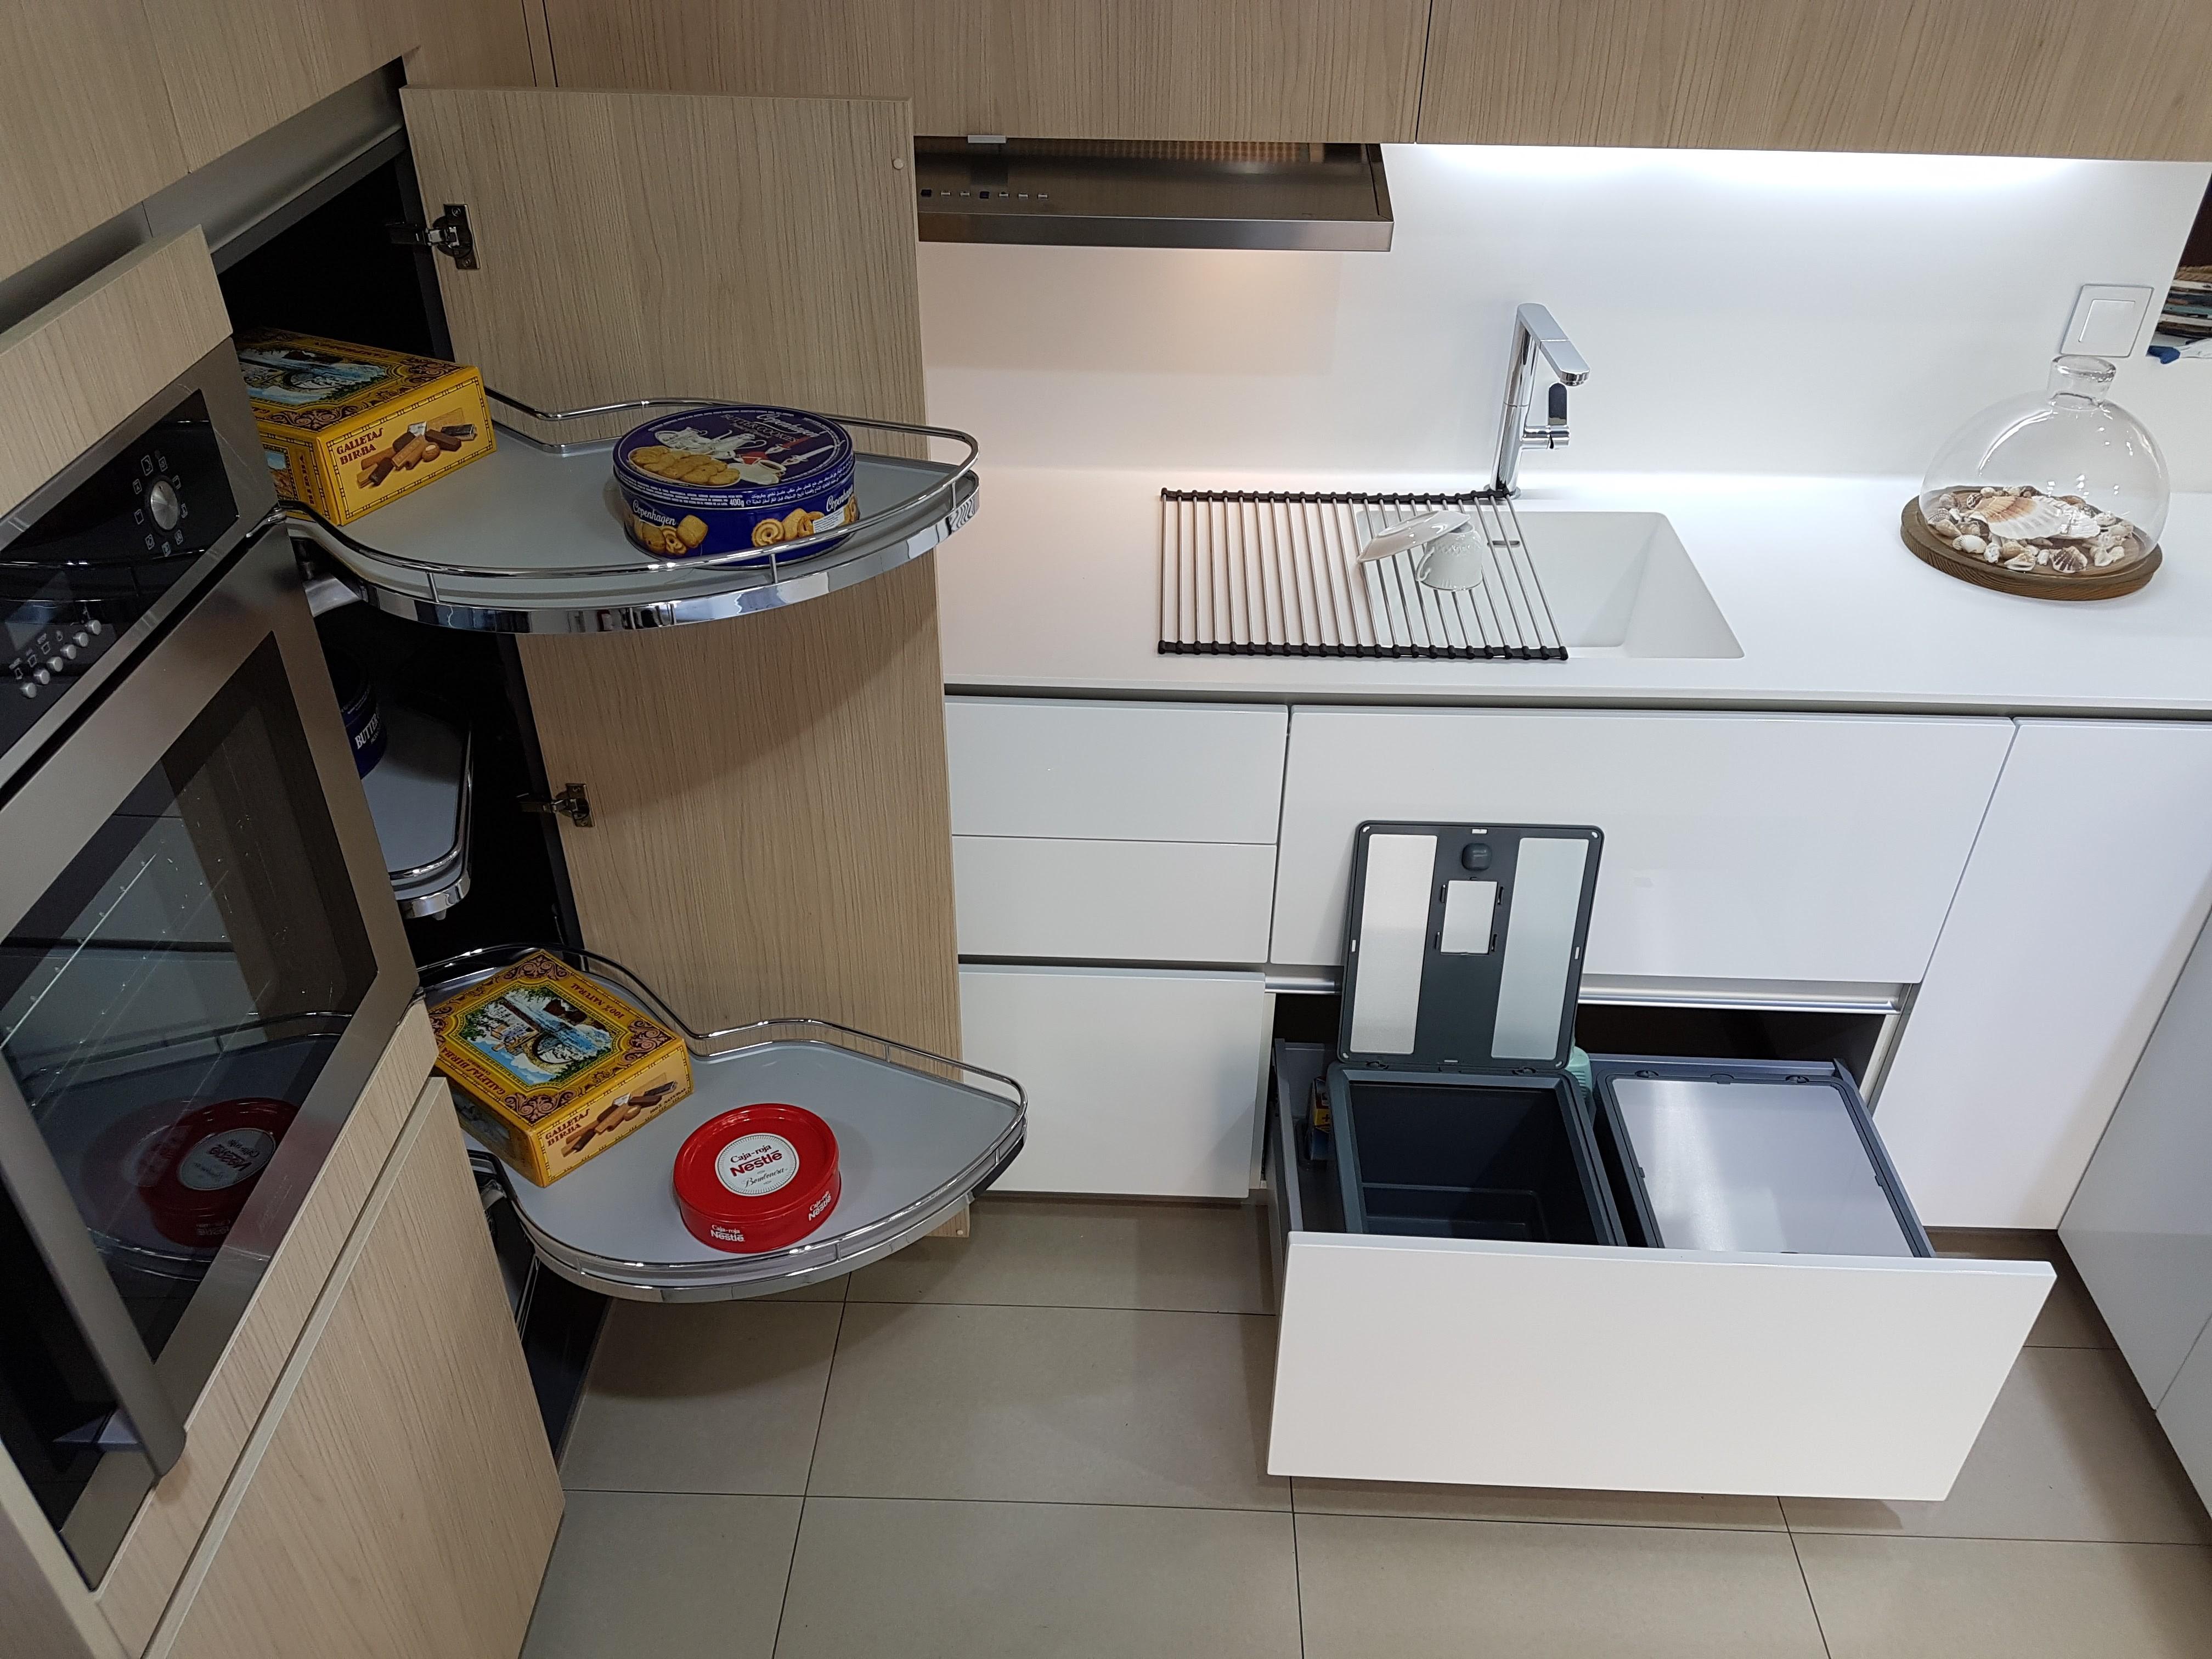 Muebles de cocina exposicion stunning muebles de cocina for Cocinas xey valencia